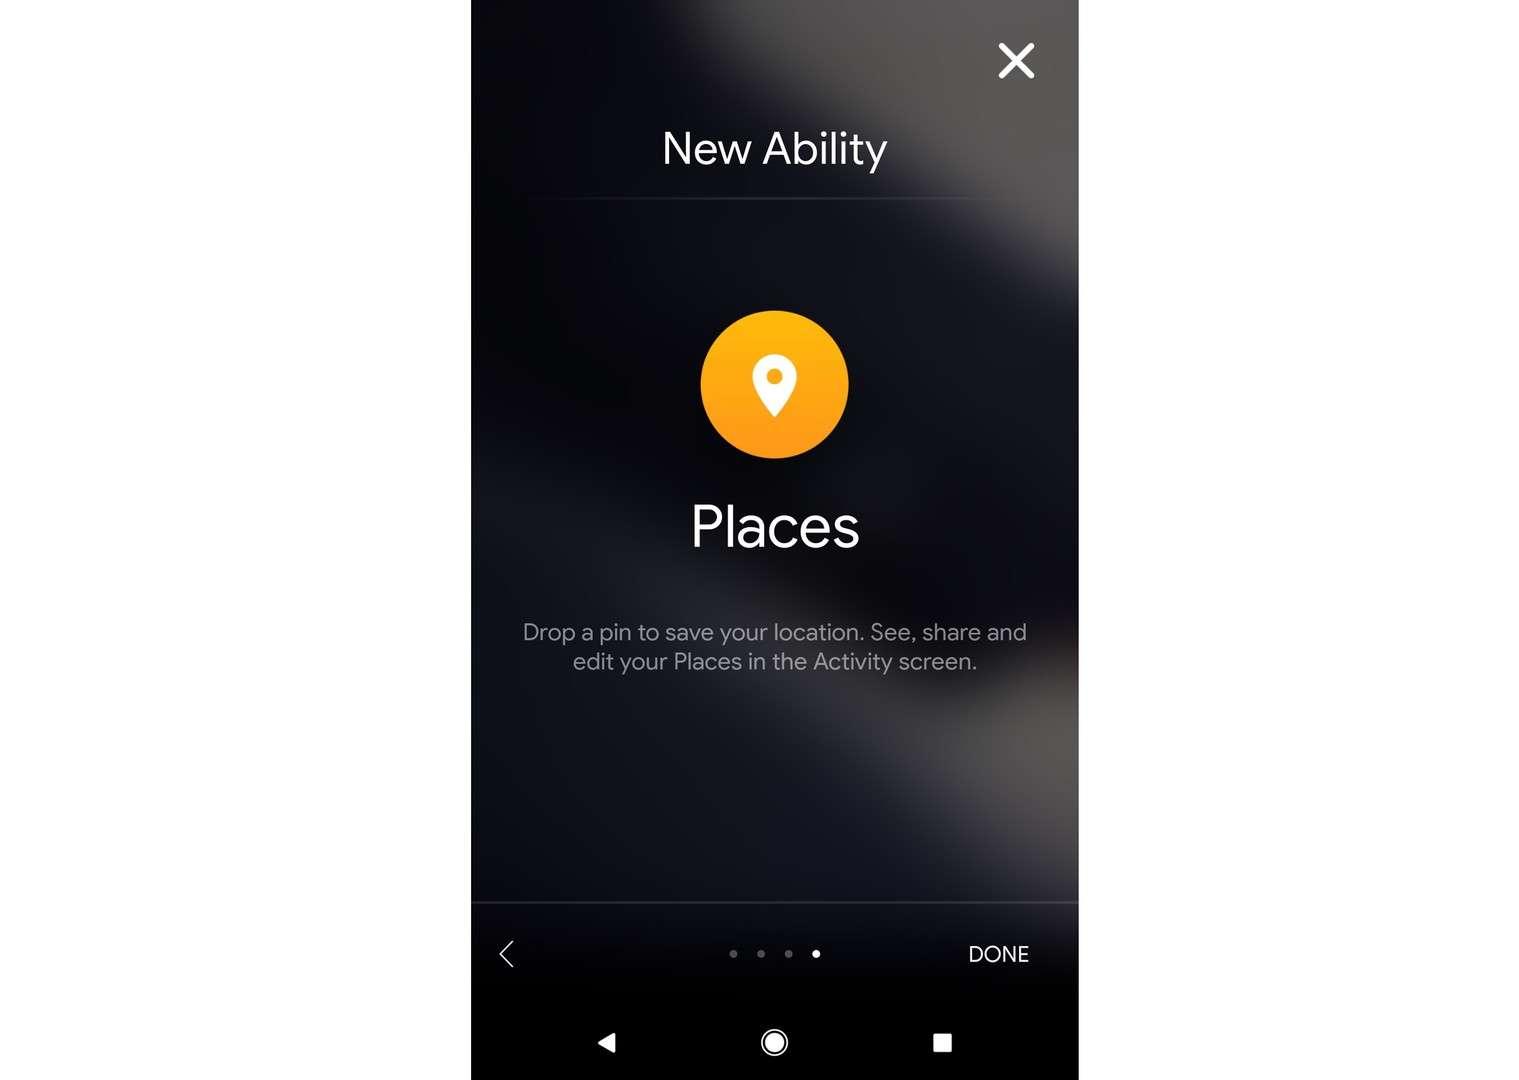 Drcommodore Di La Smart Funzionalità Ha Levi's Nuove E Giacca Google HqFESRfWq